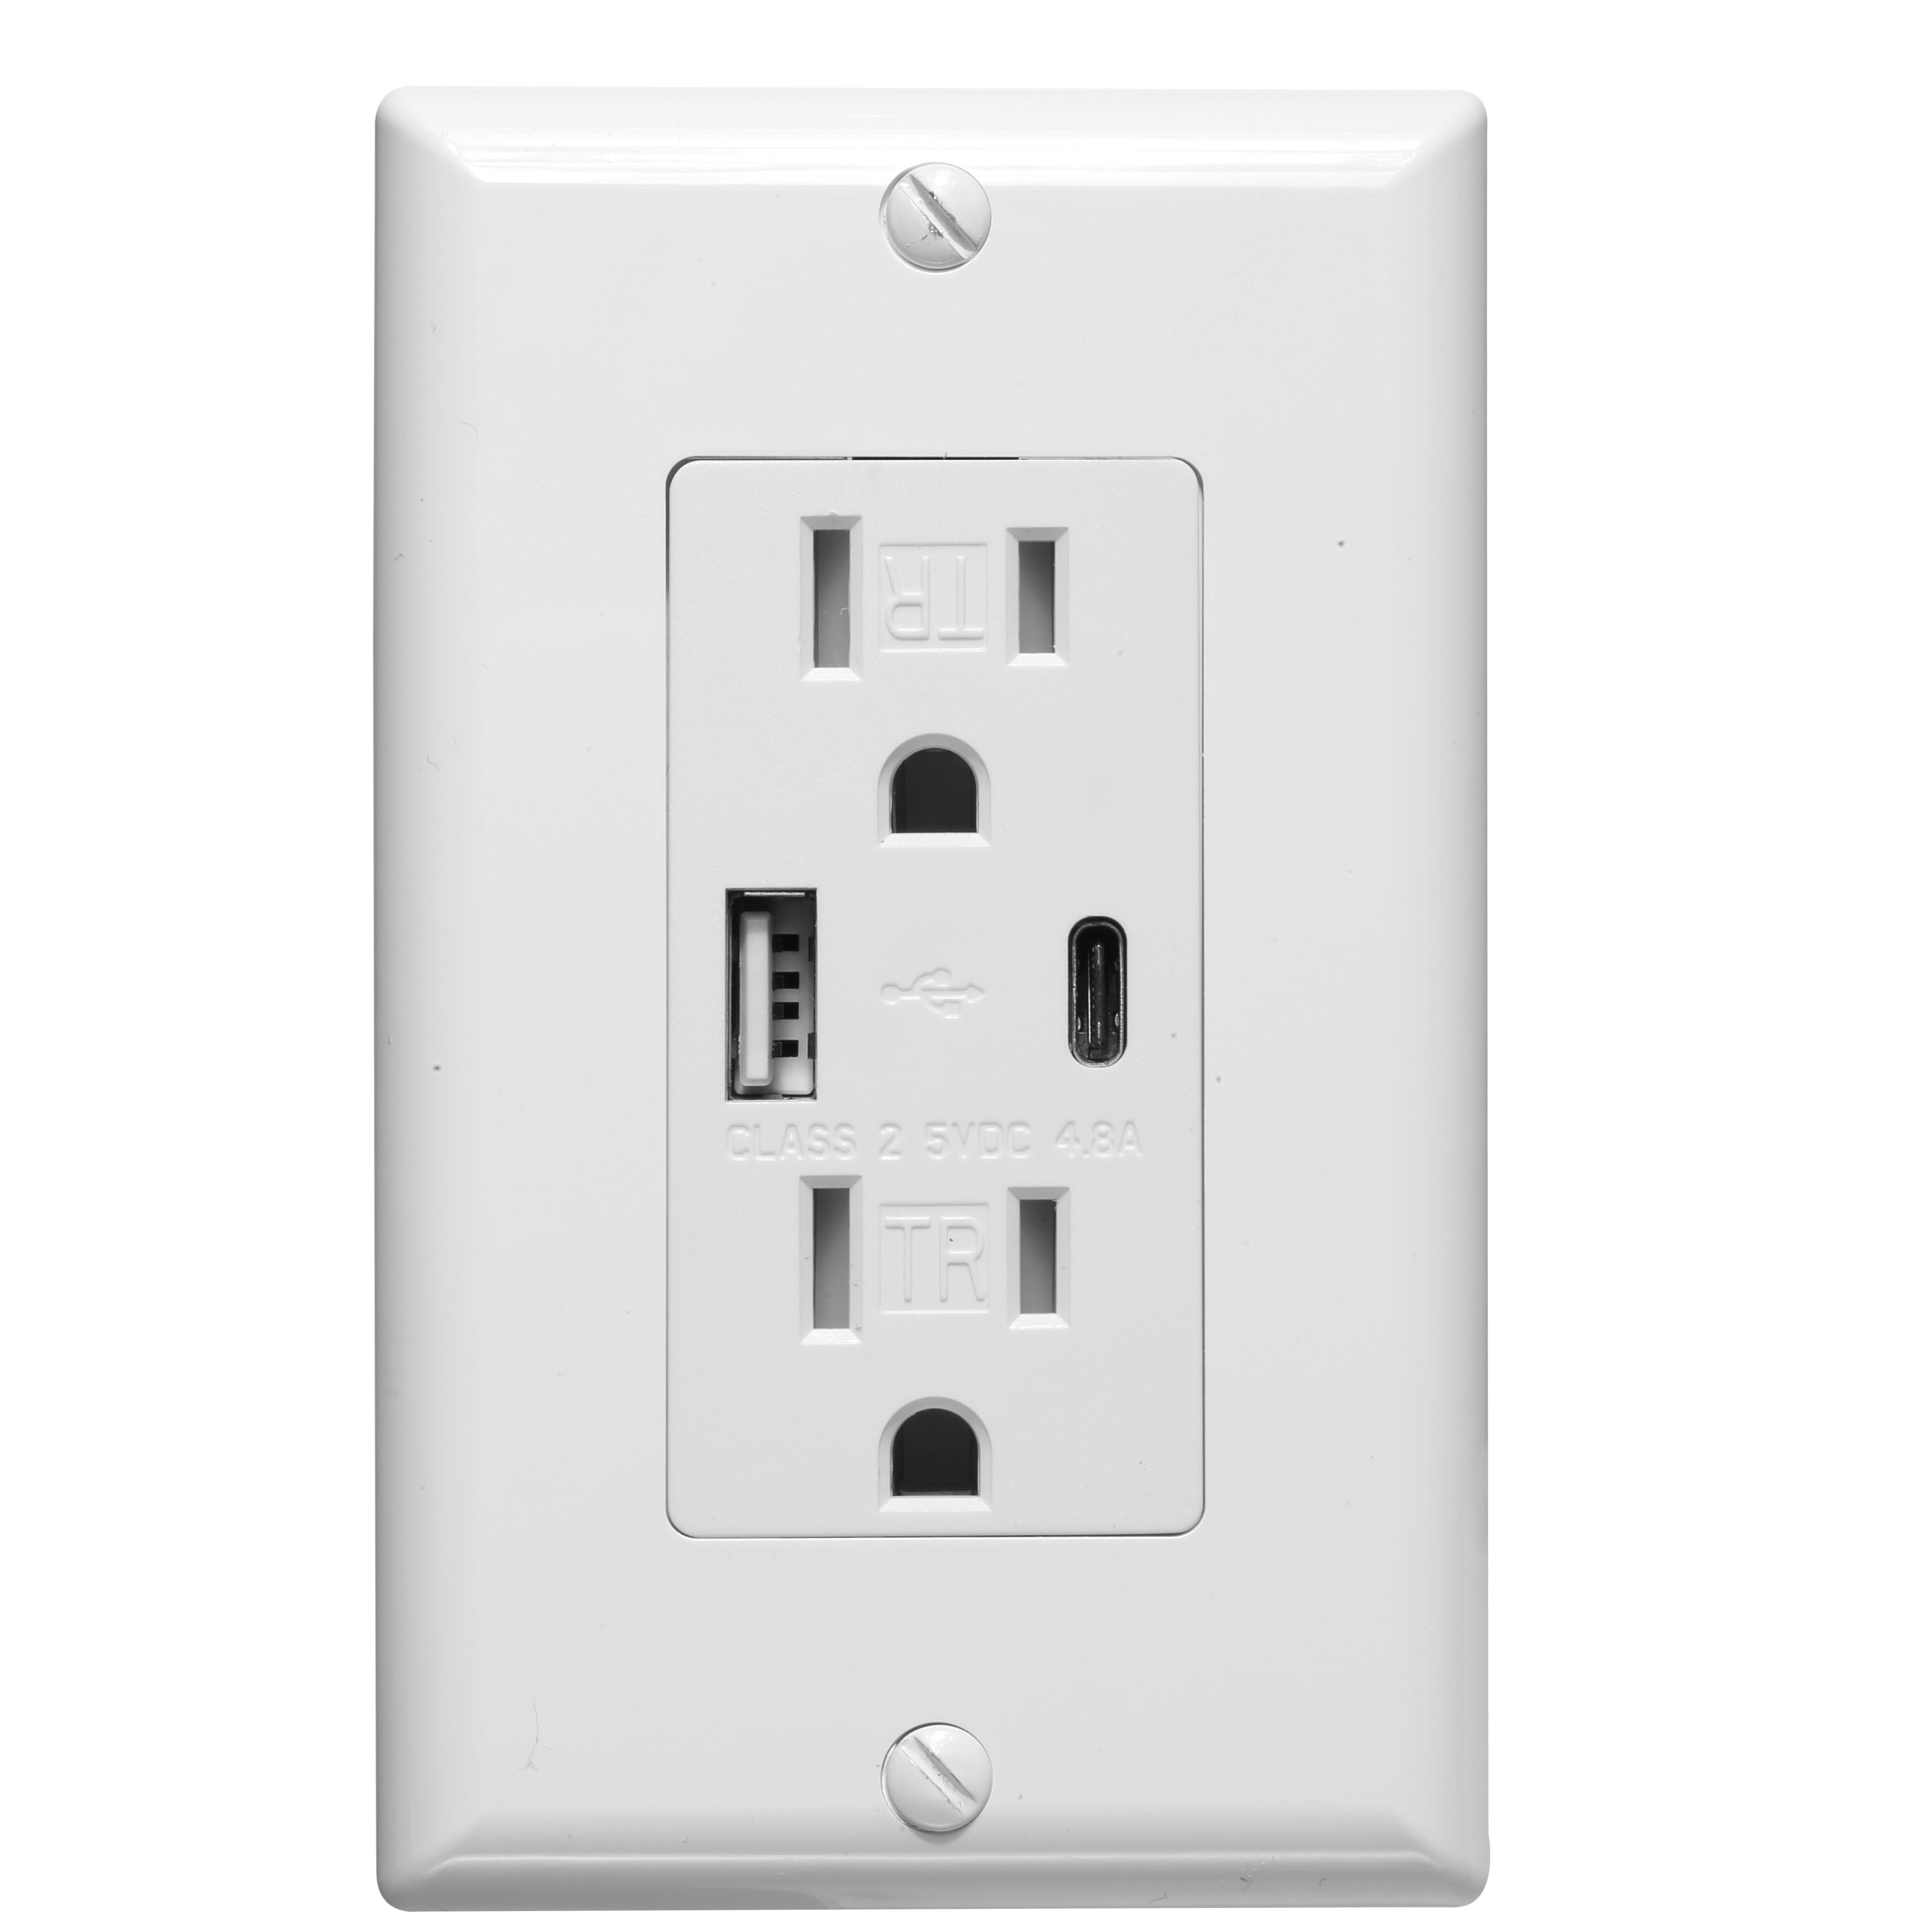 Großhandel Hochgeschwindigkeits-Kinder Fingers chutz USB-Steckdosen elektrisches Ladegerät Wand steckdose mit Typ C-Anschluss